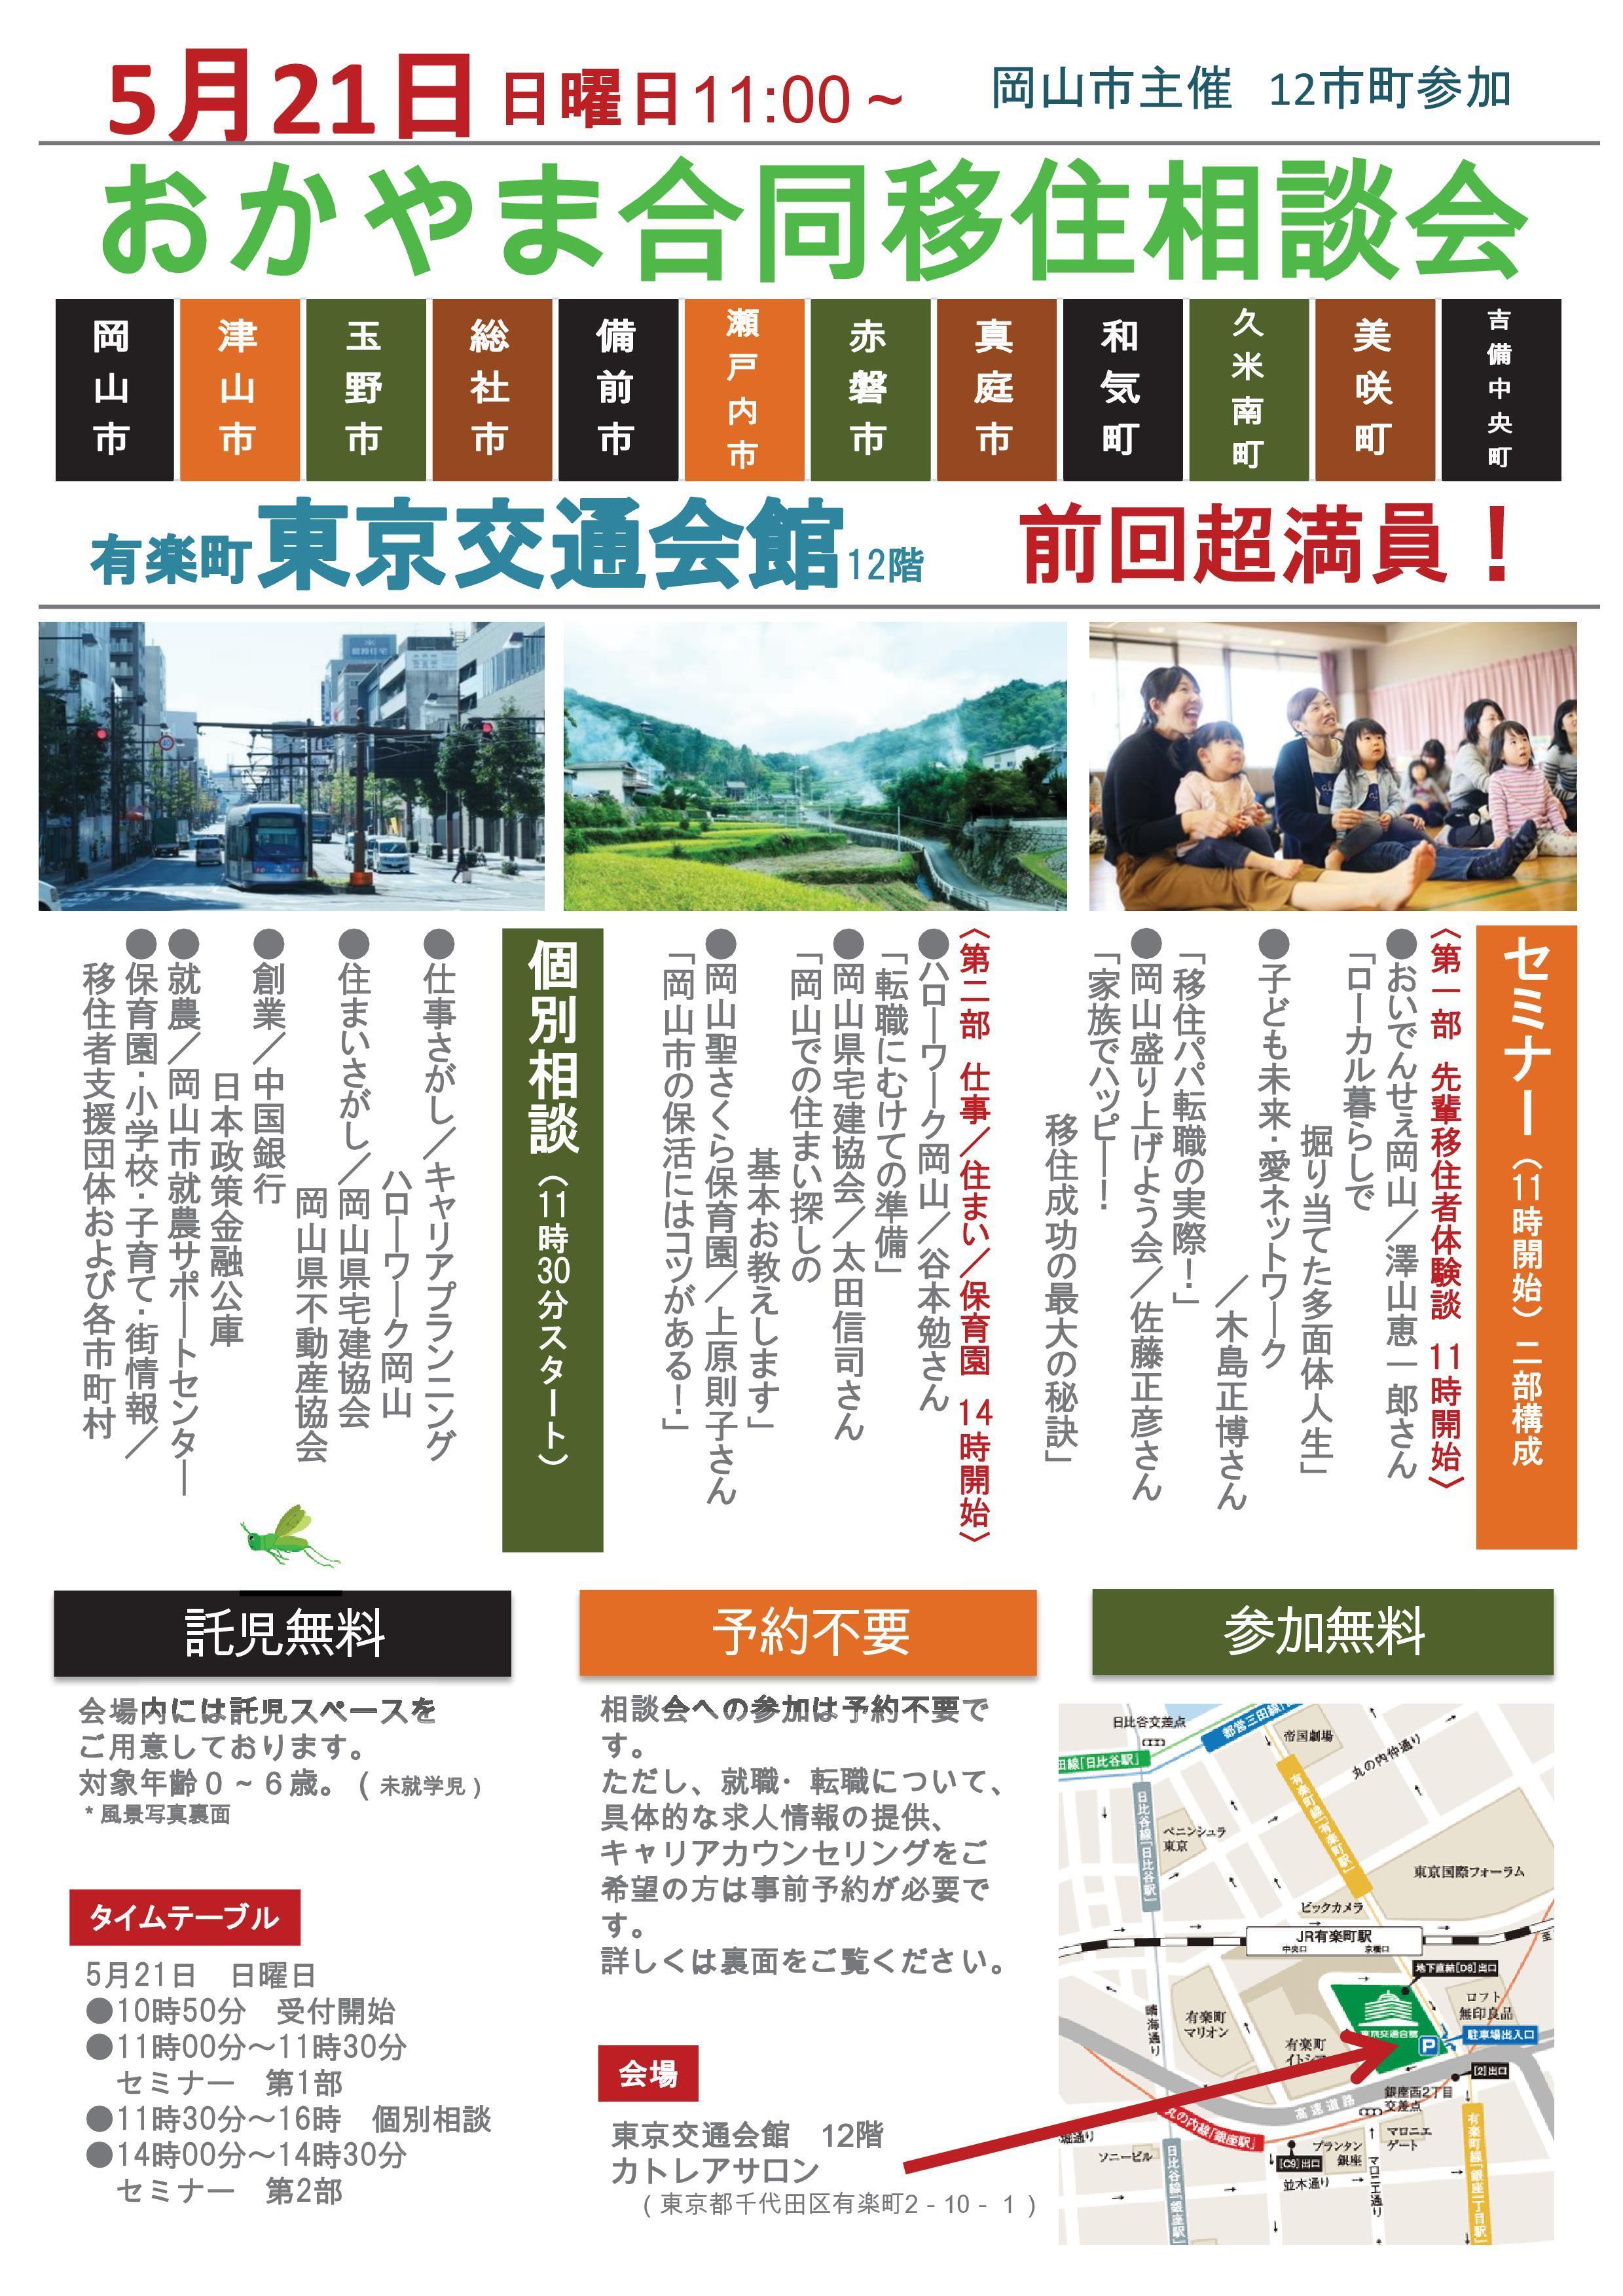 2017年5月21日(日)おかやま合同移住相談会に津山市も参加します